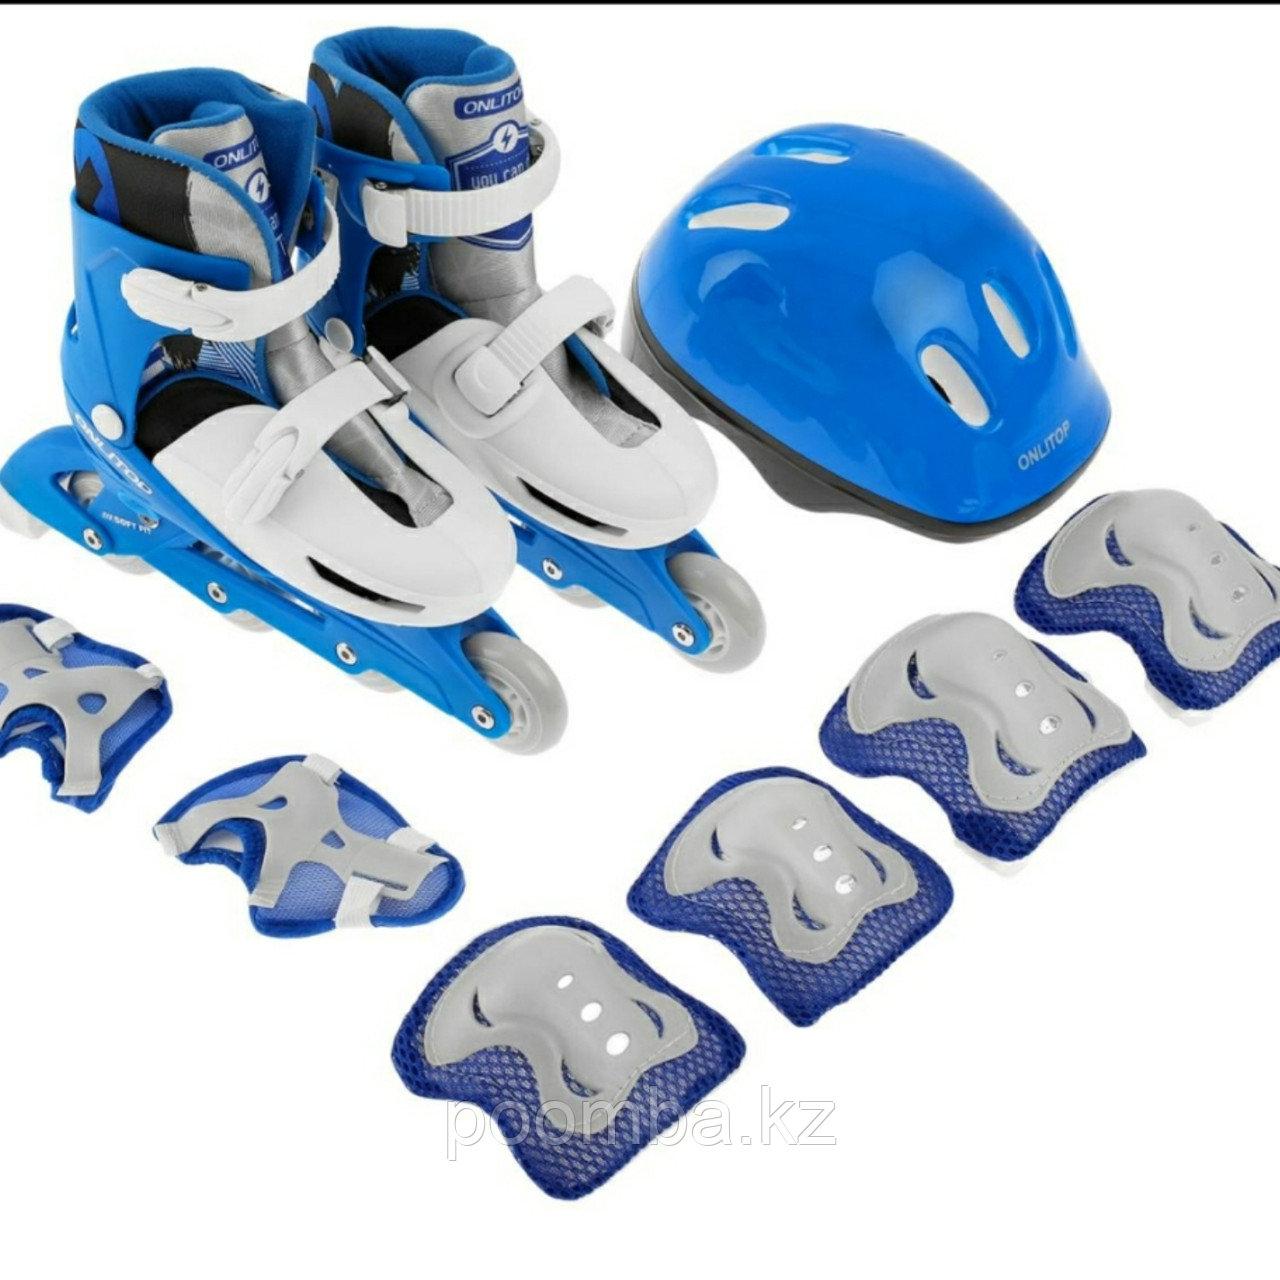 Детские роликовые коньки с комплектом защиты бело-голубые 34-37